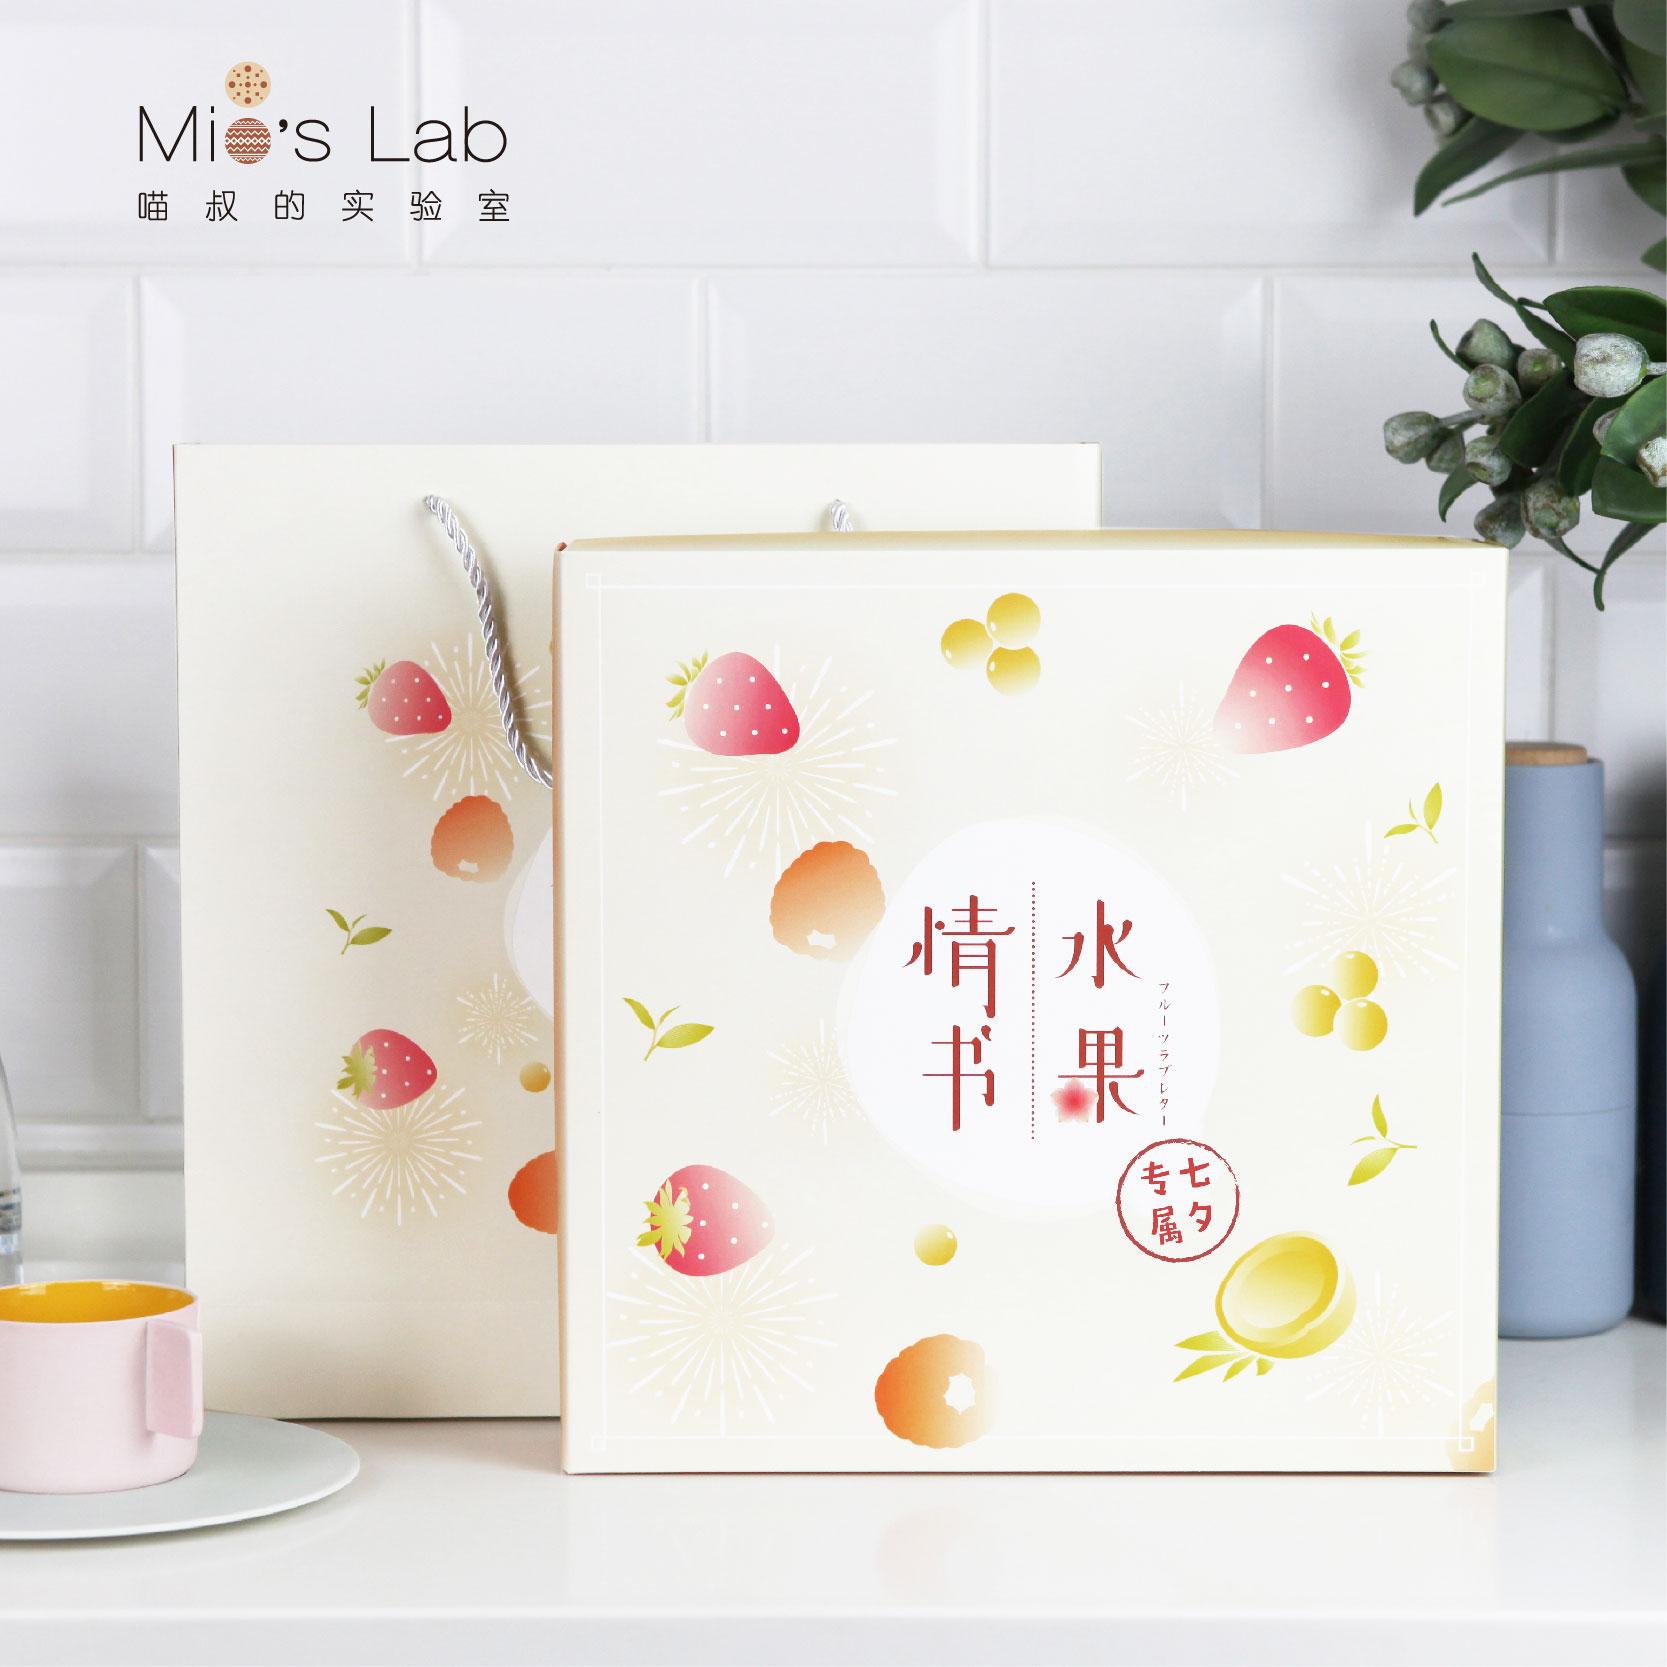 喵叔水果芝士夹心小蛋糕四味礼盒9枚,送女生中秋节礼物